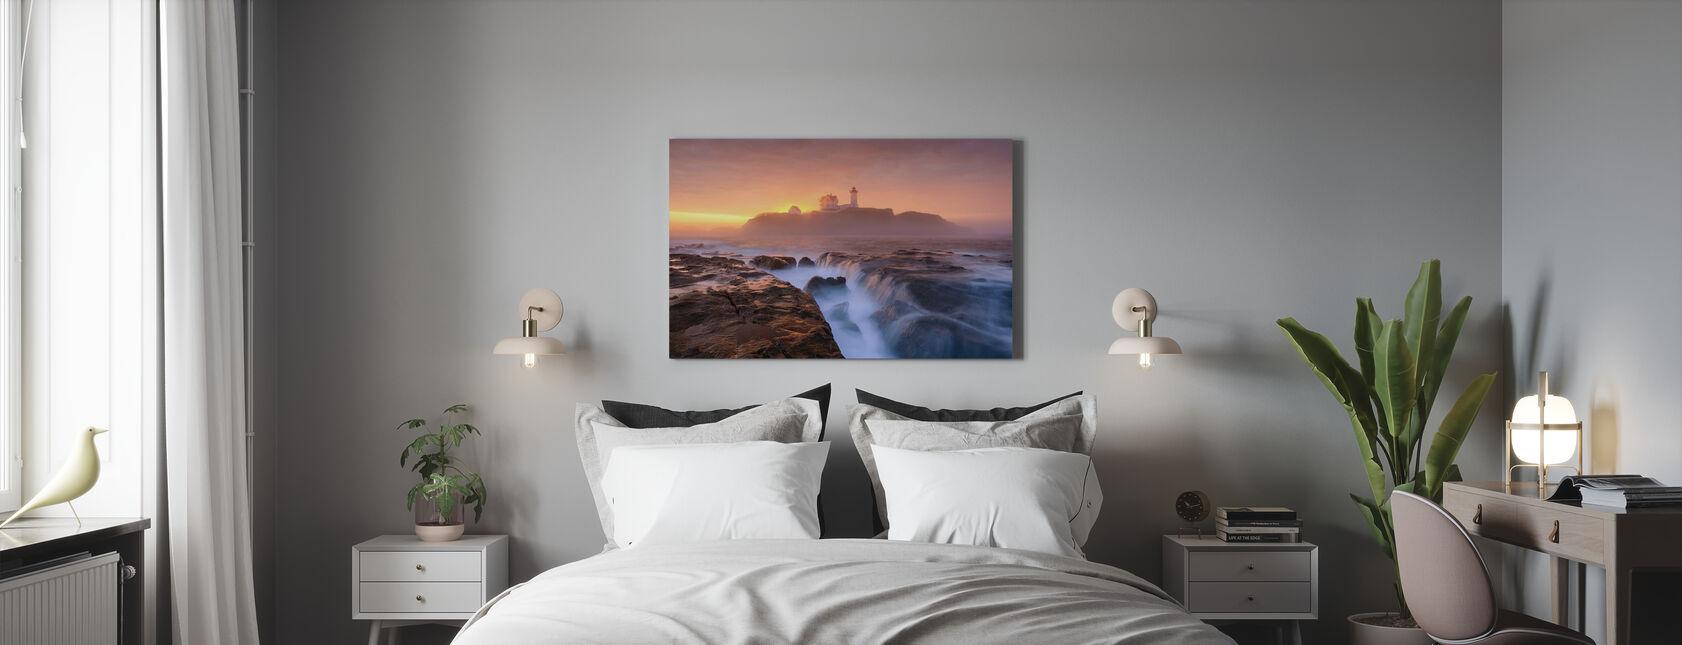 Dimma över tidvattnet - Canvastavla - Sovrum